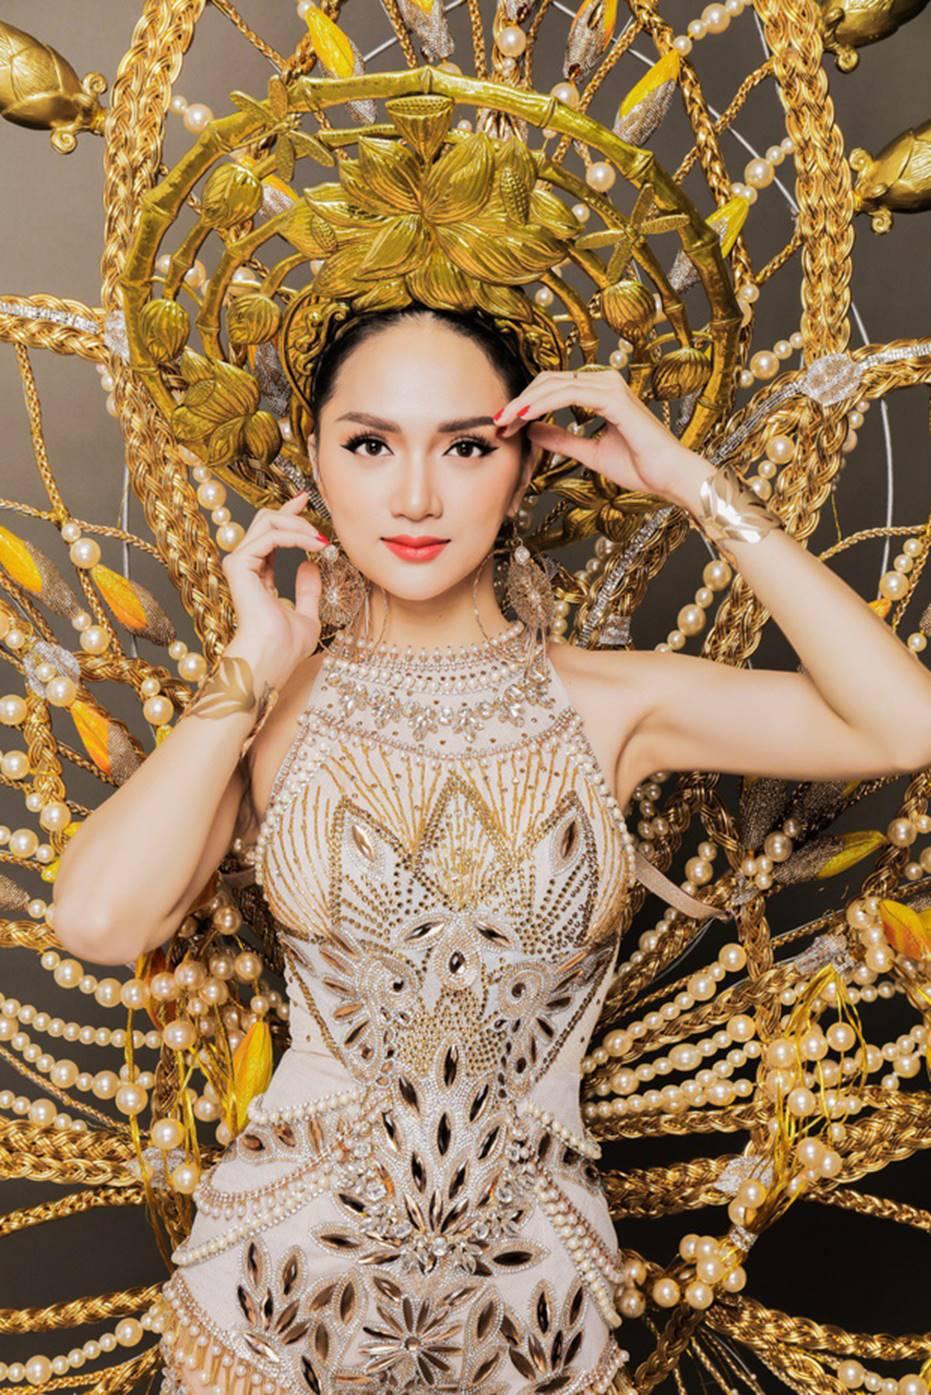 Top những hoa hậu học giỏi bậc nhất thế giới, Việt Nam cũng góp mặt 2 đại diện siêu đỉnh: Người thi ĐH 29.5 điểm, người là du học sinh-14